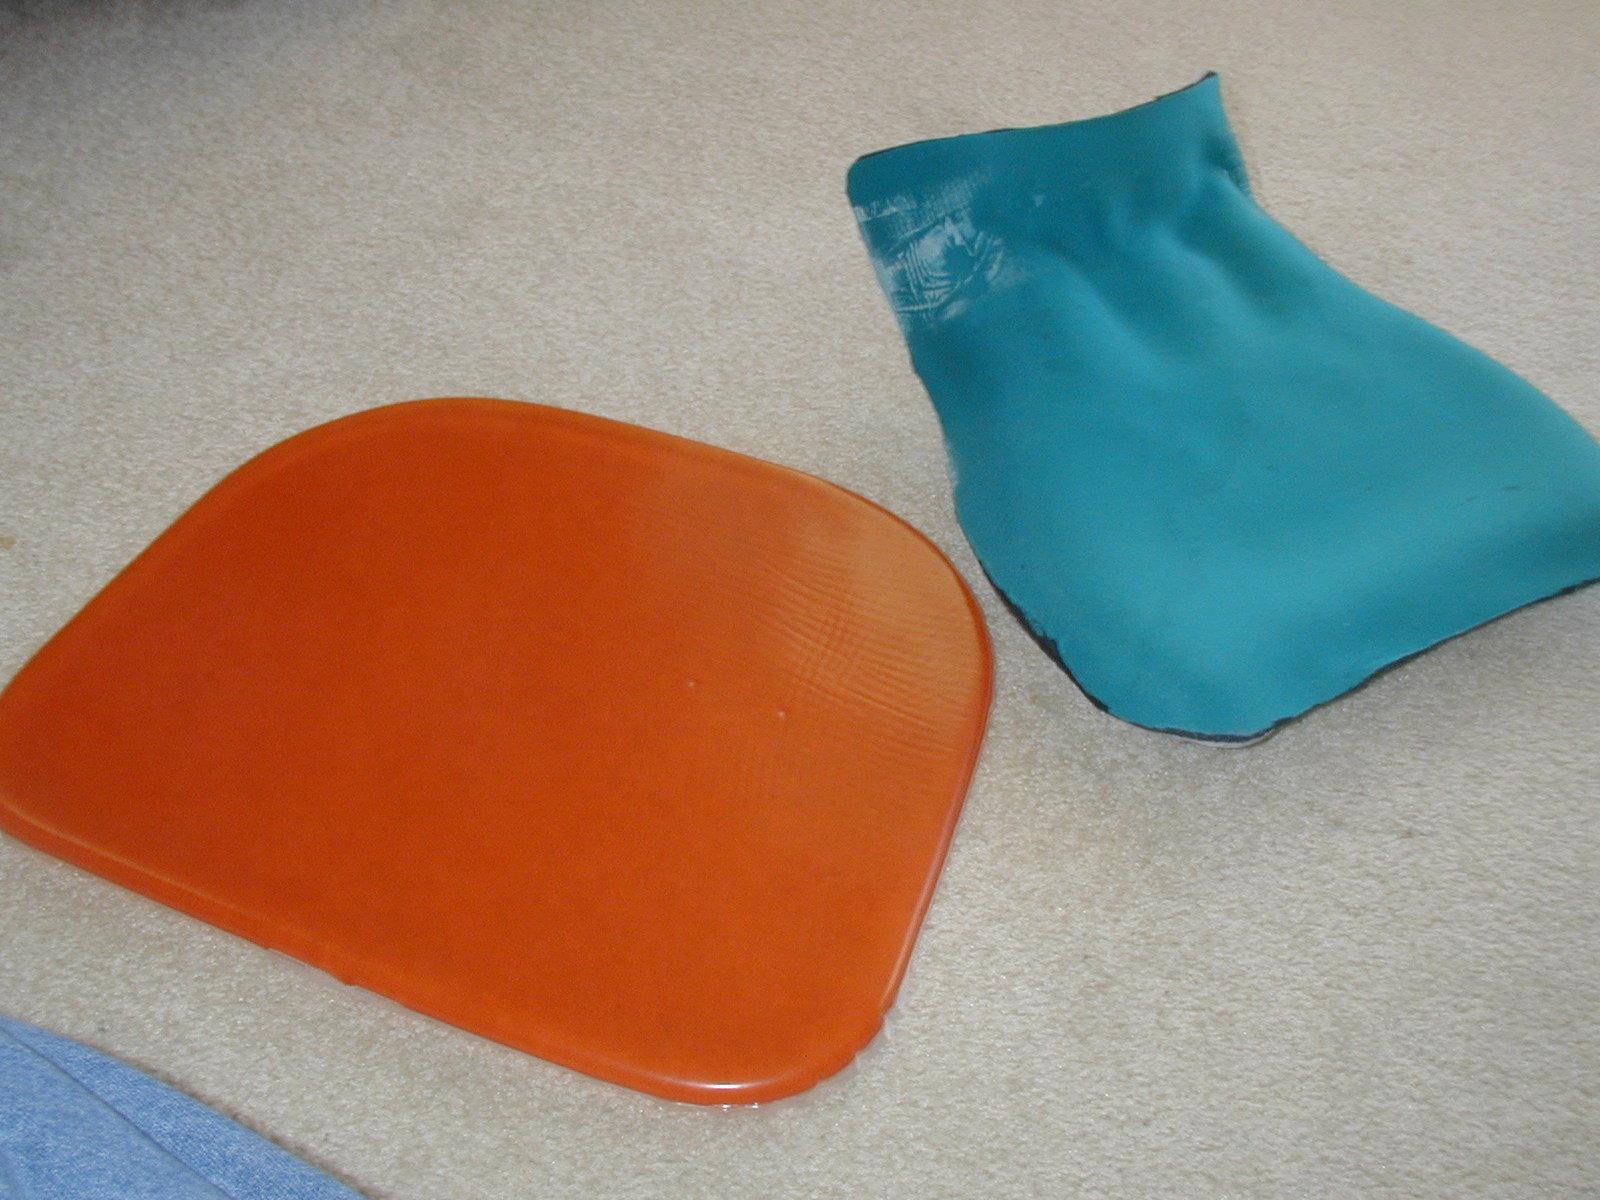 Gel Chair Cushion Chairs Model